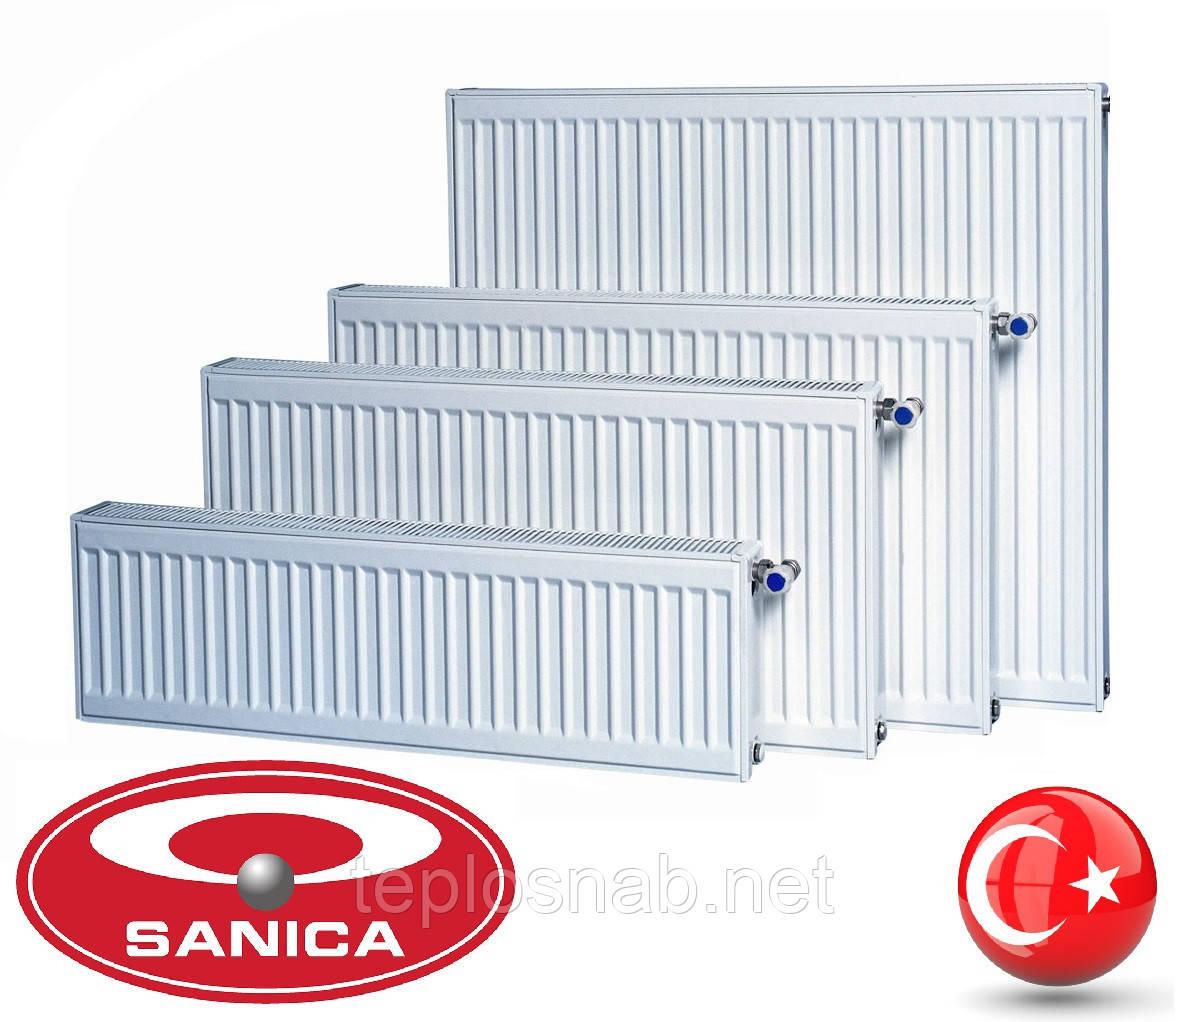 Стальной радиатор Sanica 22 тип (300 х 1700 мм) / 2182 Вт